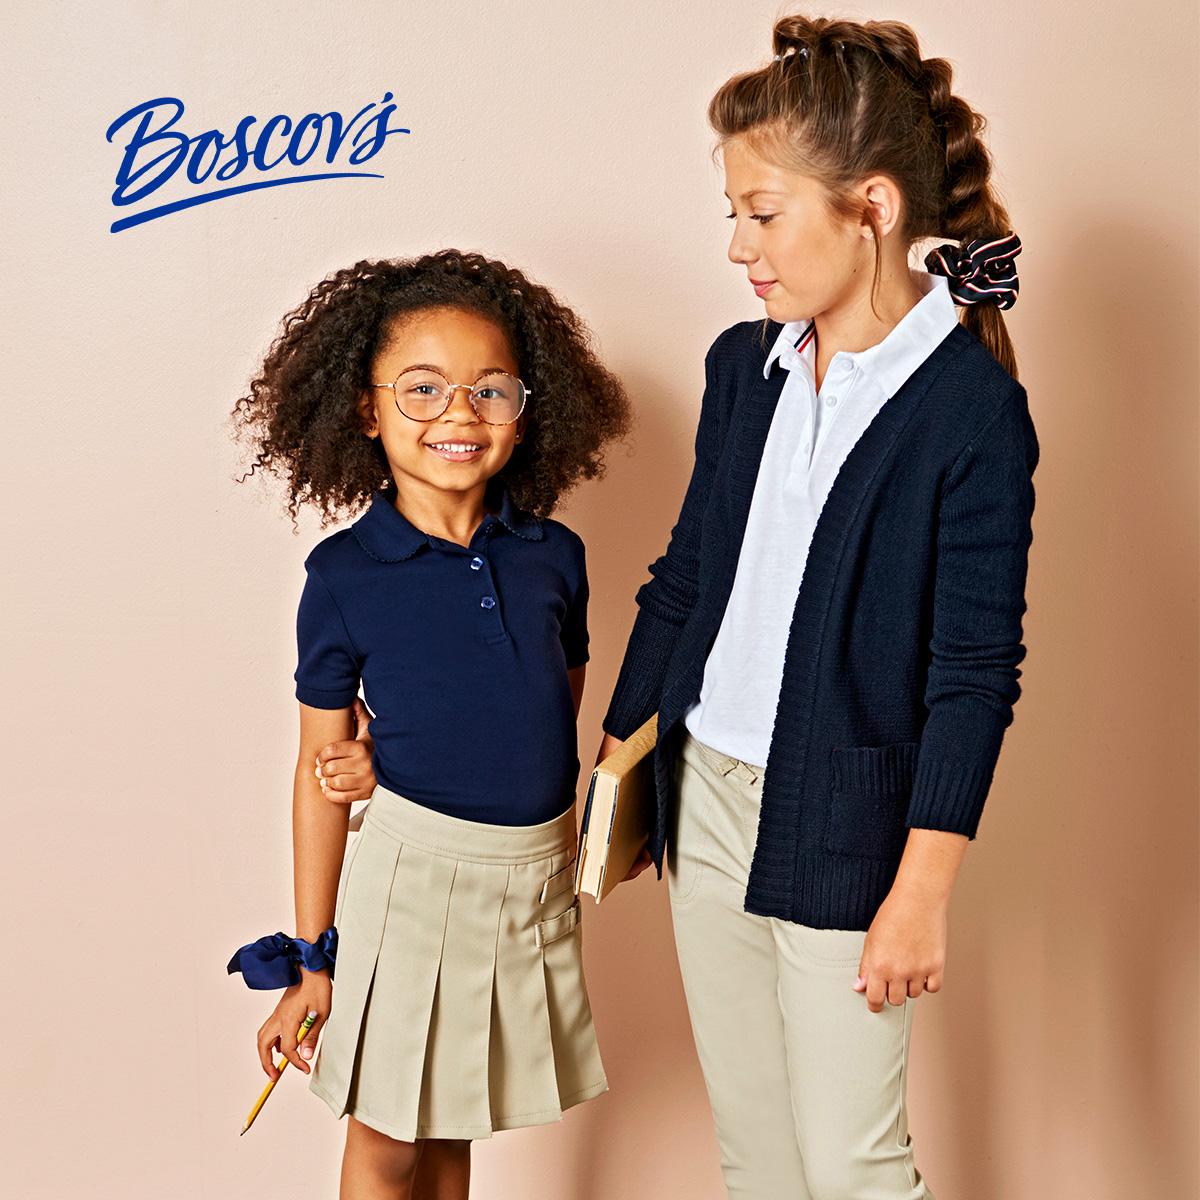 boscovs school uniforms